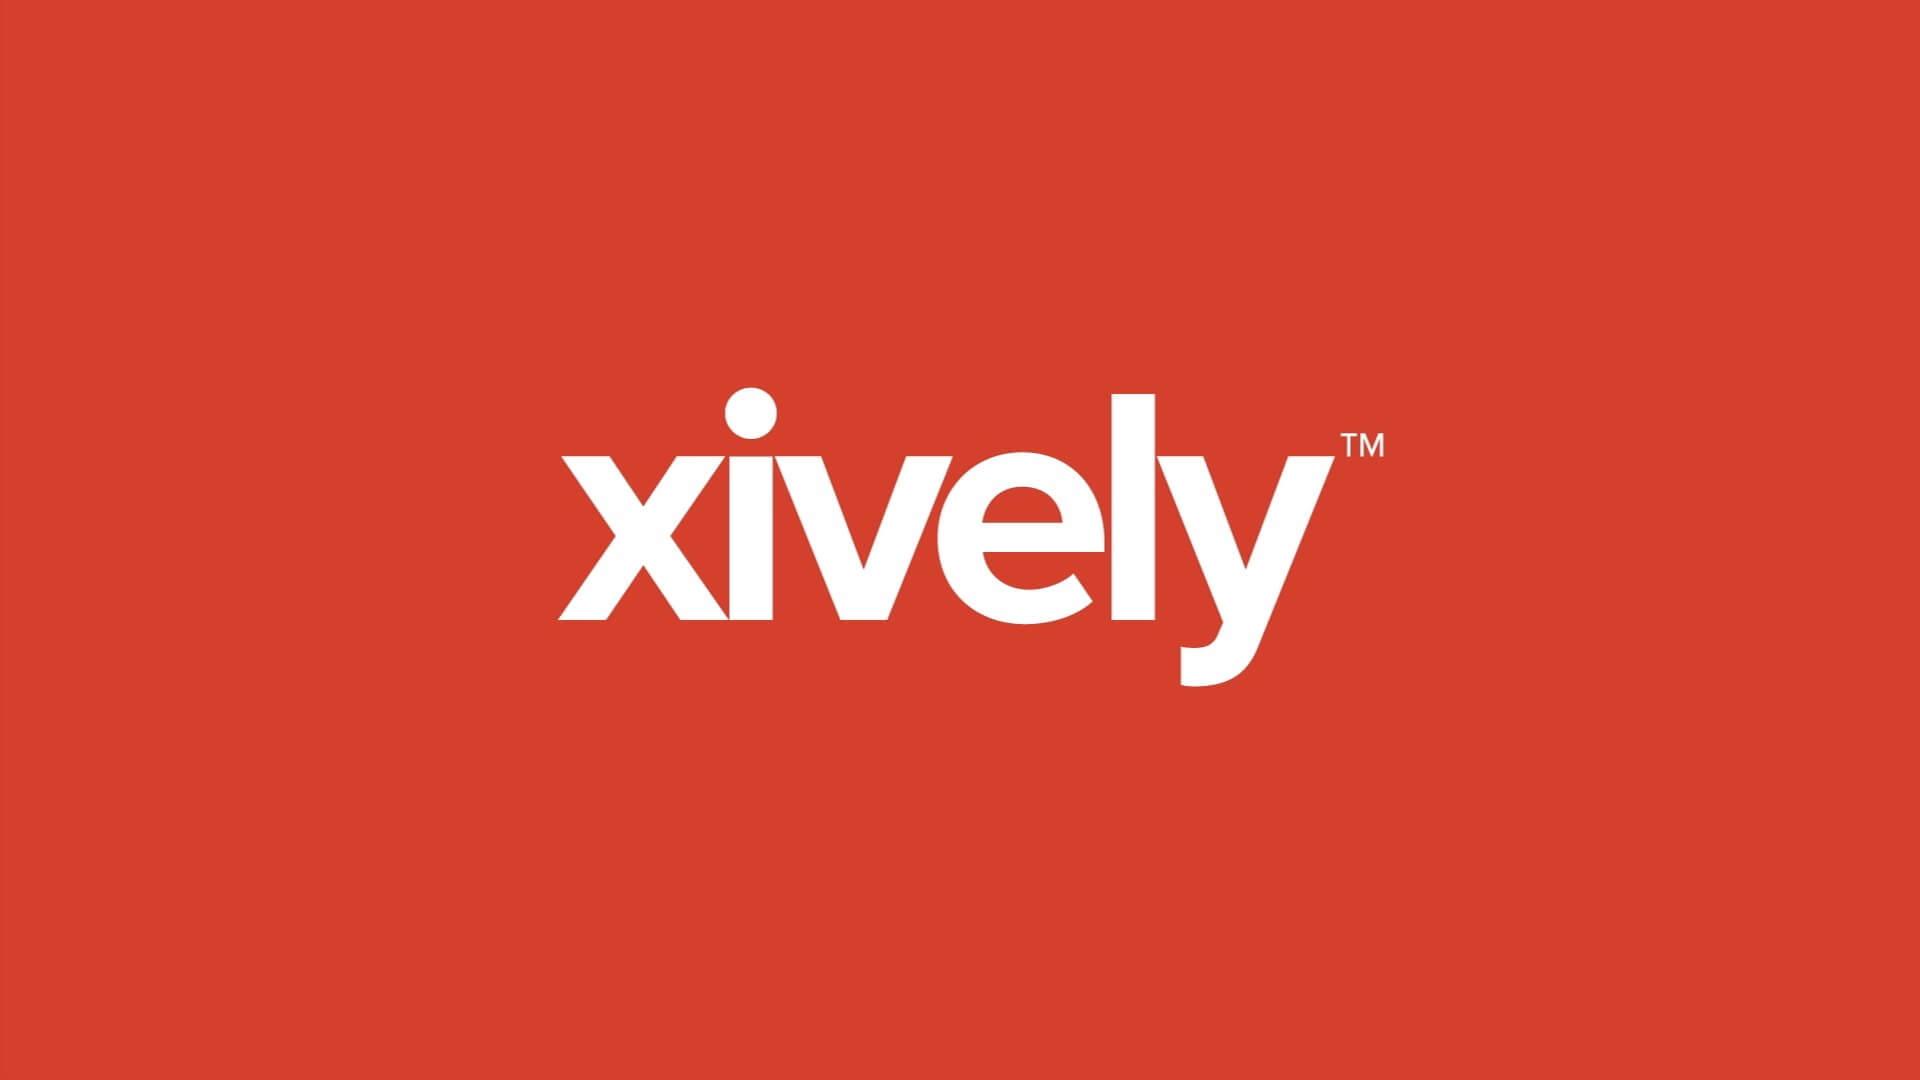 portada Xively imagen con el logo